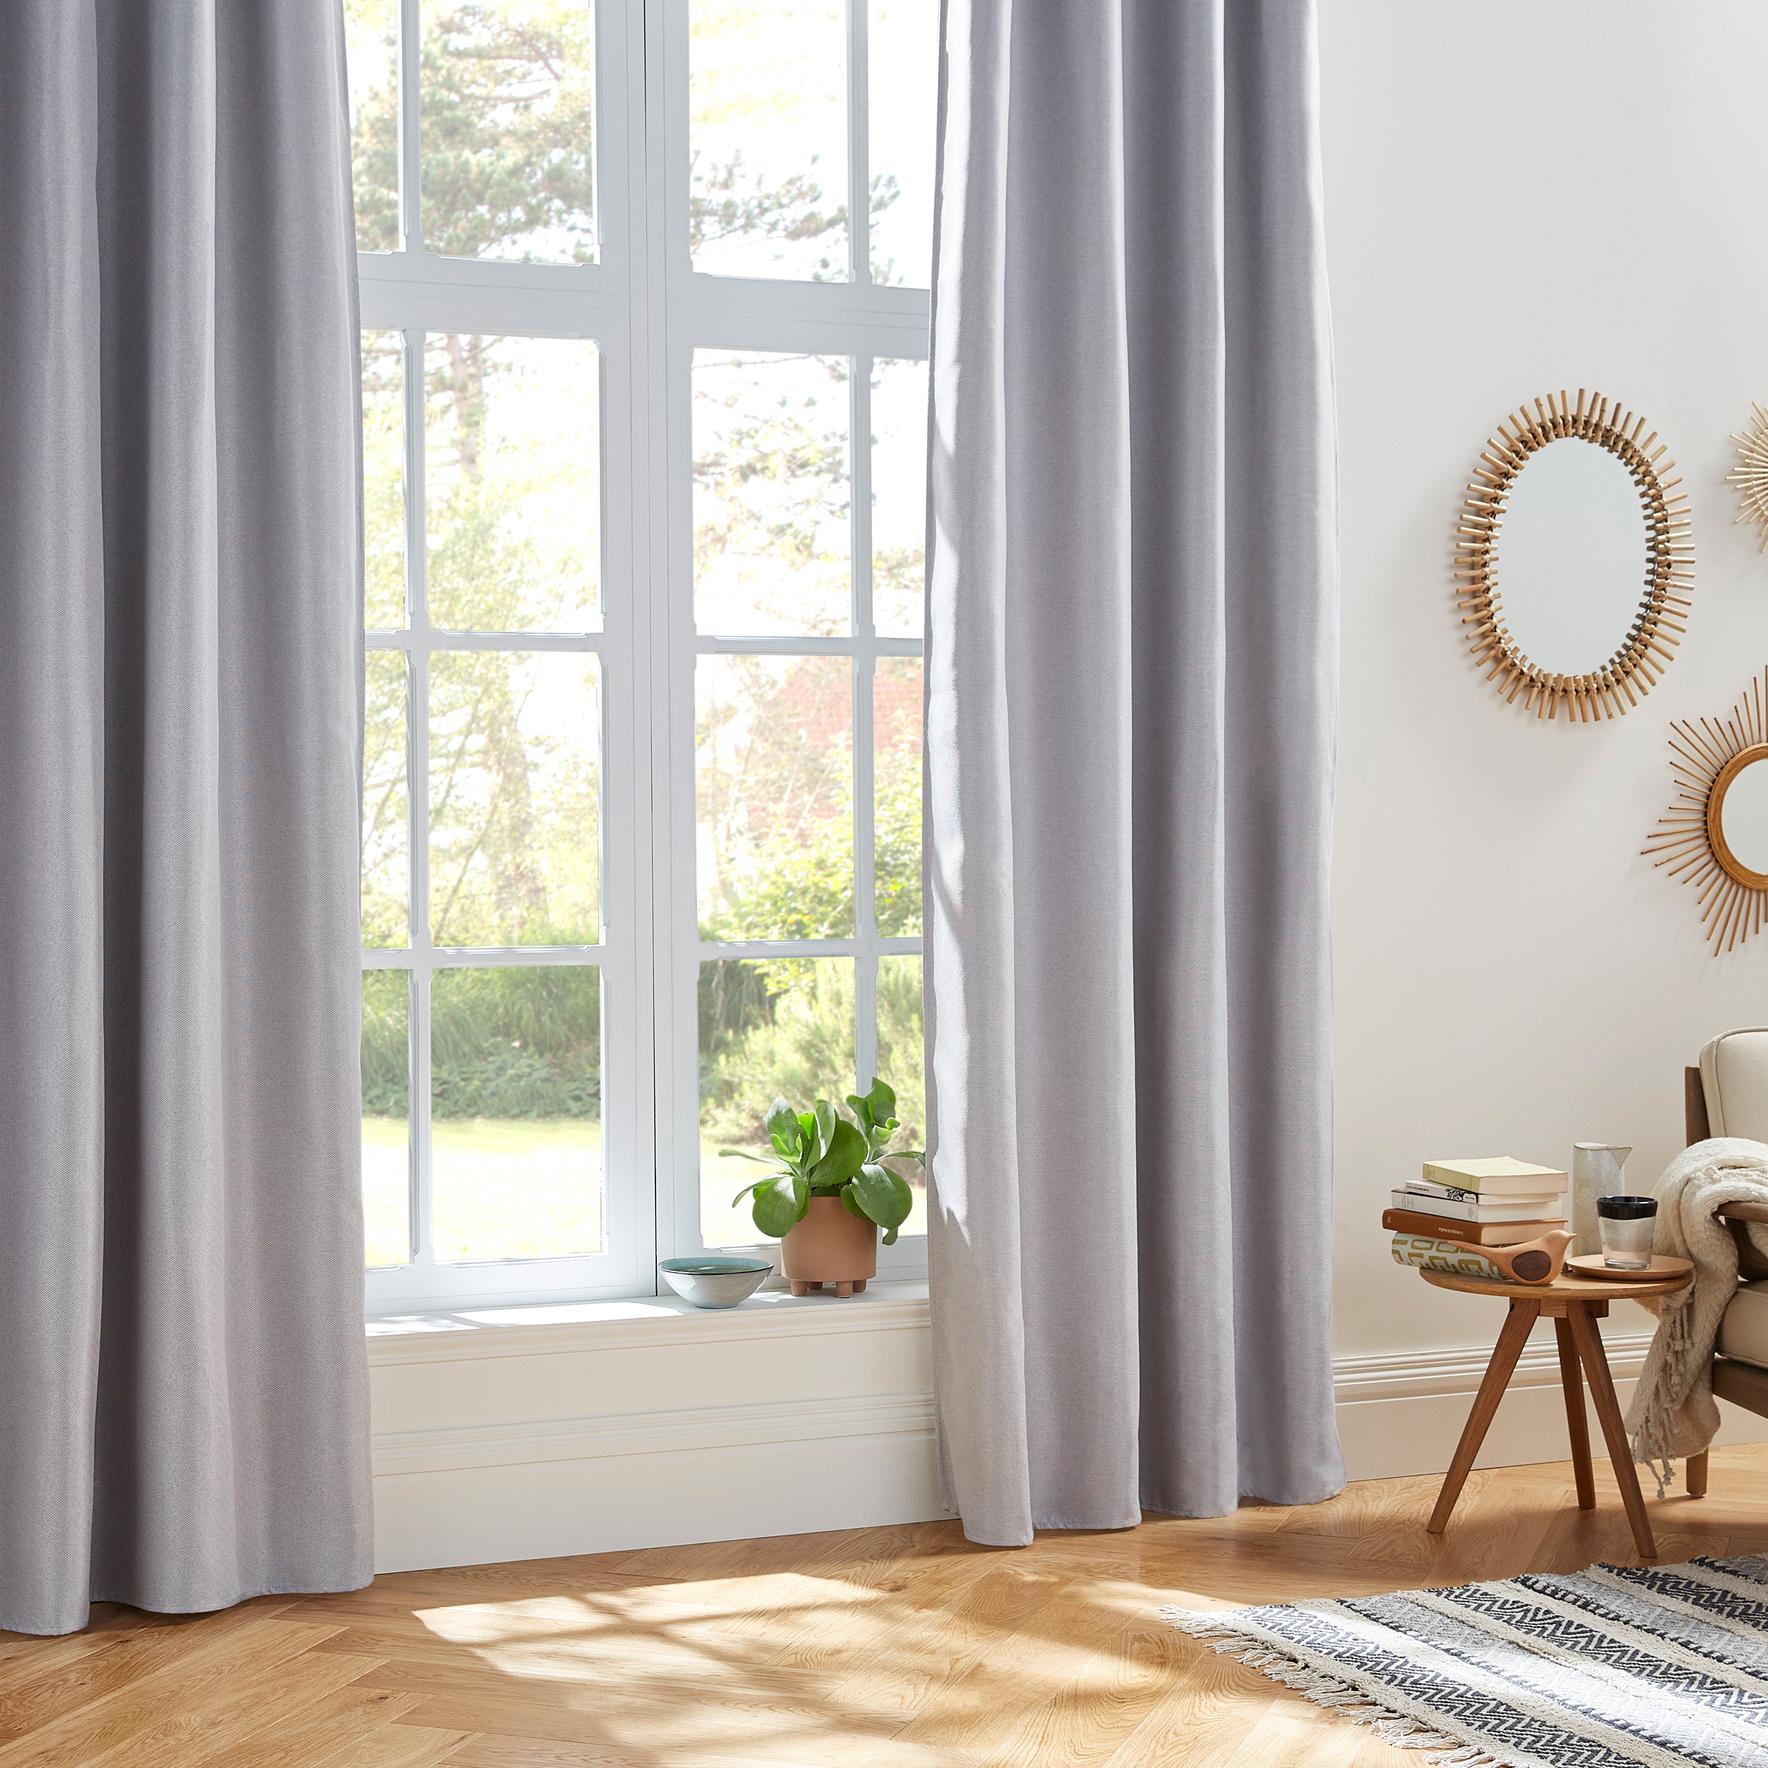 cortinas-decoracion-muebles-amaya-05